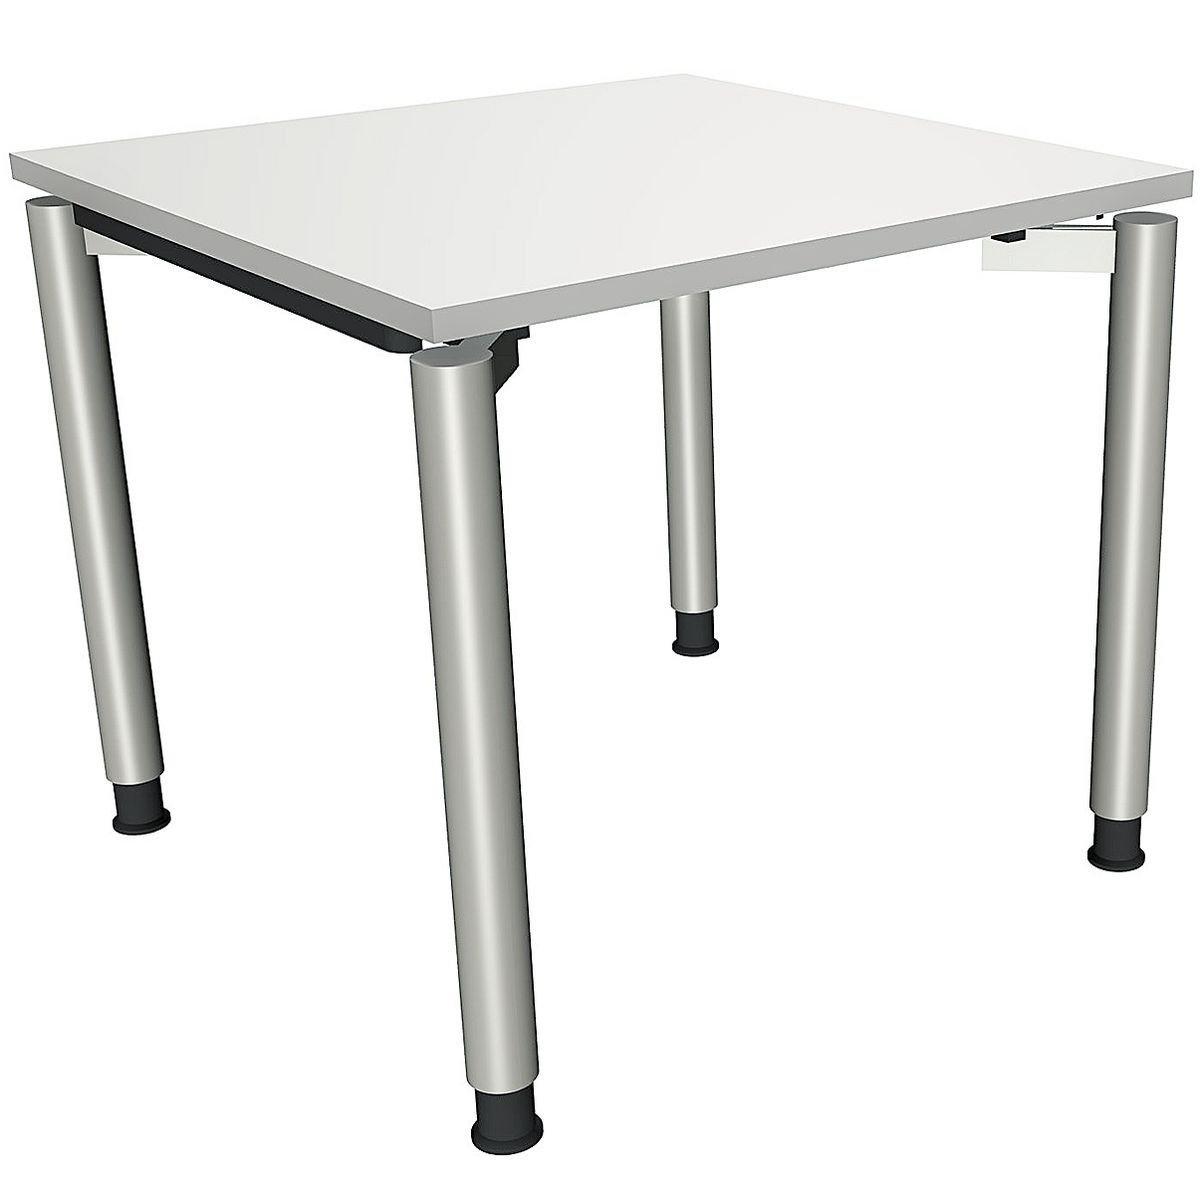 Manuell höhenverstellbarer Schreibtisch 80 cm 4-Fuß... »Sidney«